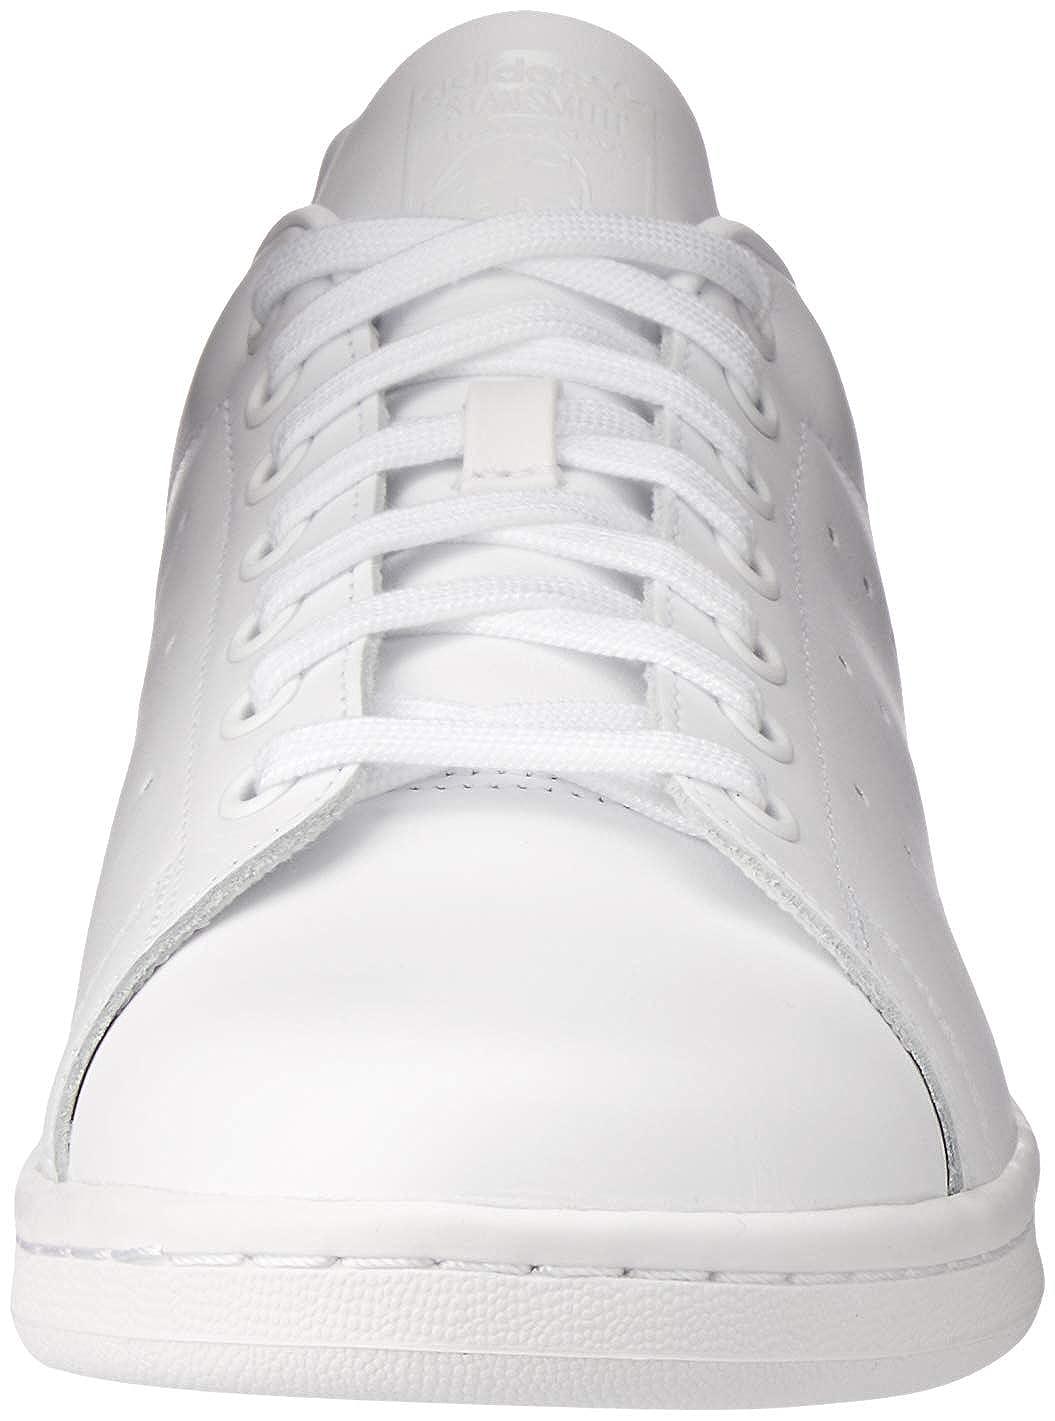 detailed look 38ad6 e13e9 Scarpe adidas - Stan Smith W bianco bianco verde formato  40 2 3  Amazon.it   Scarpe e borse